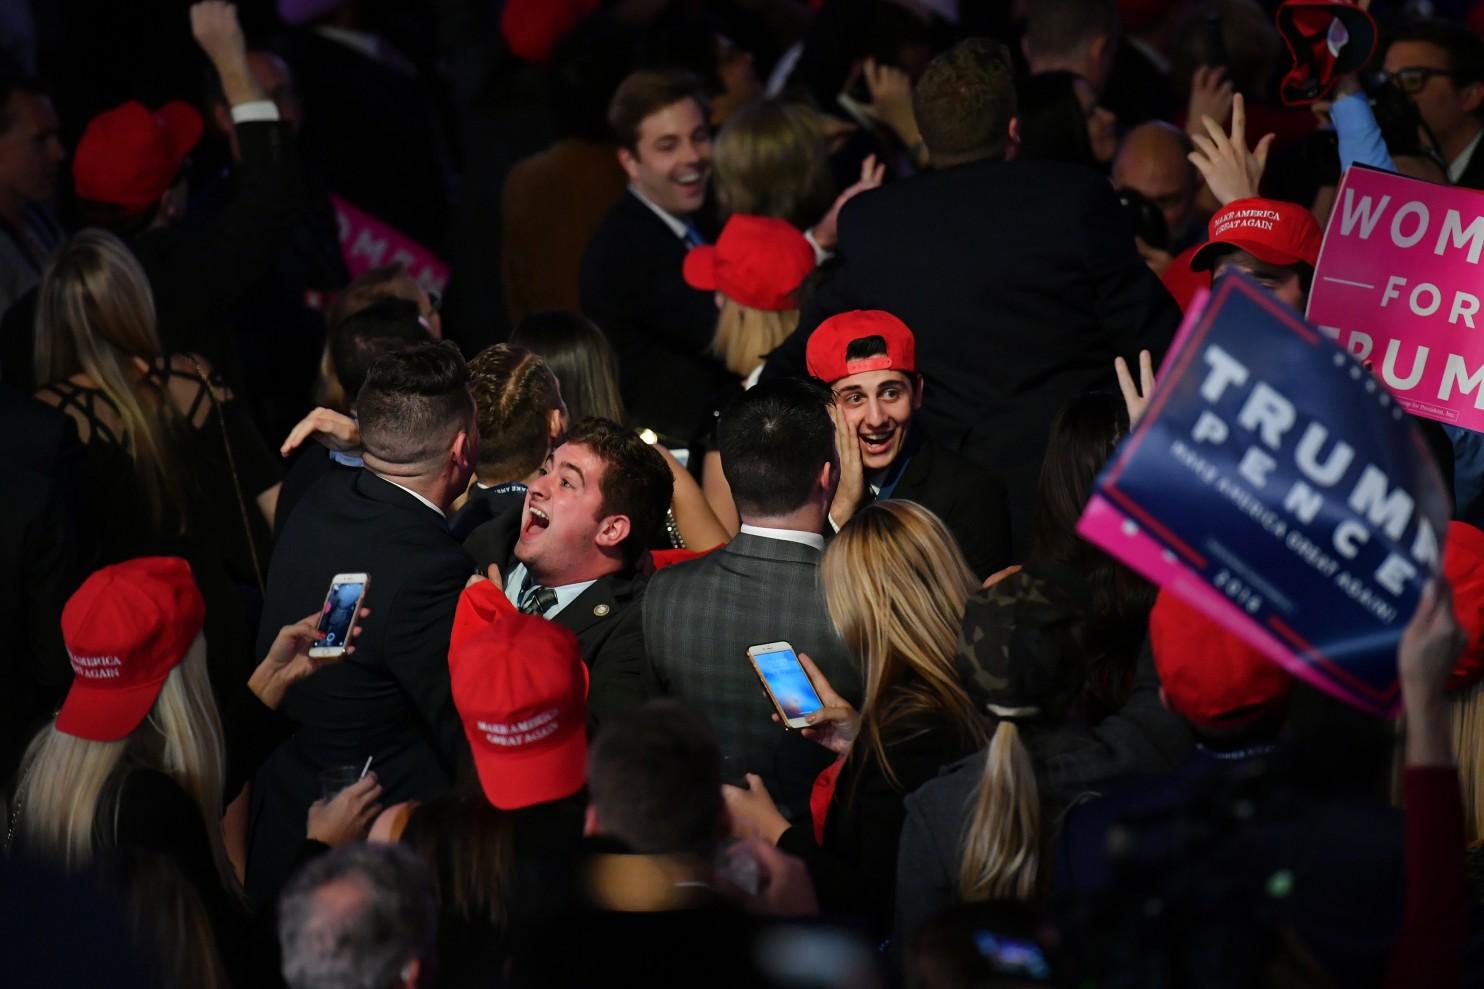 Des partisans du candidat républicain Donald Trump applaudissent lors de la soirée électorale du 8 novembre 2016, à New York. (Ricky Carioti - The Washington Post)